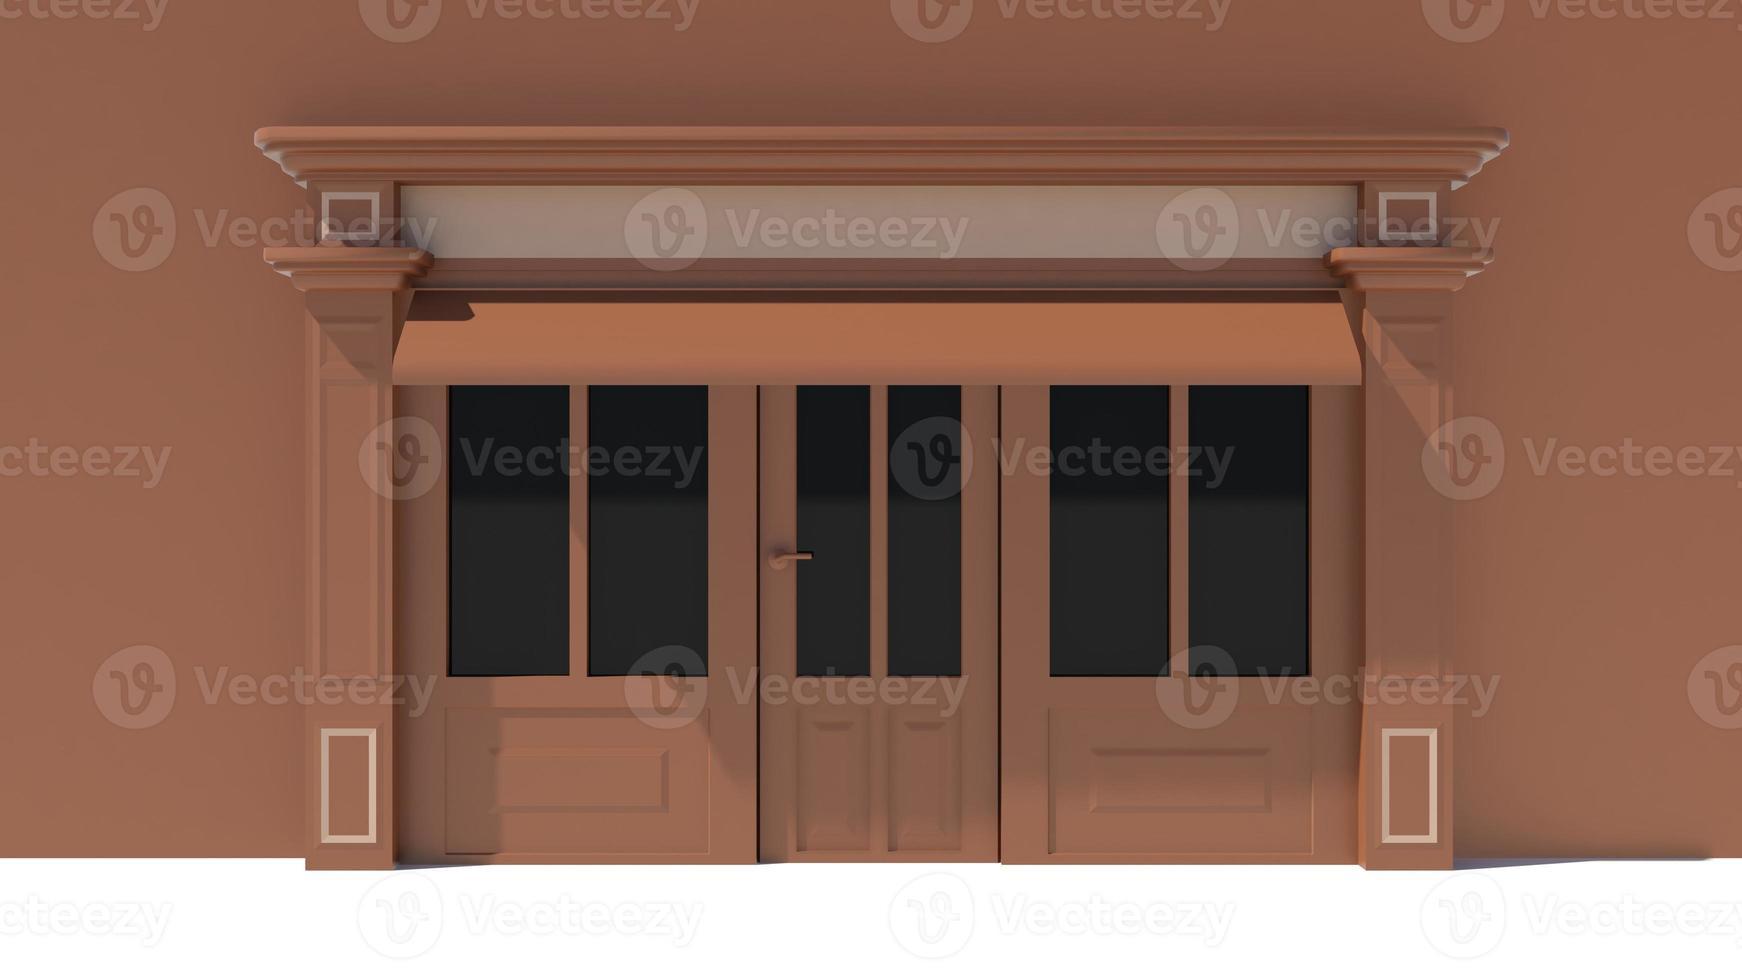 vitrine ensoleillée avec de grandes fenêtres façade de magasin blanc et marron photo